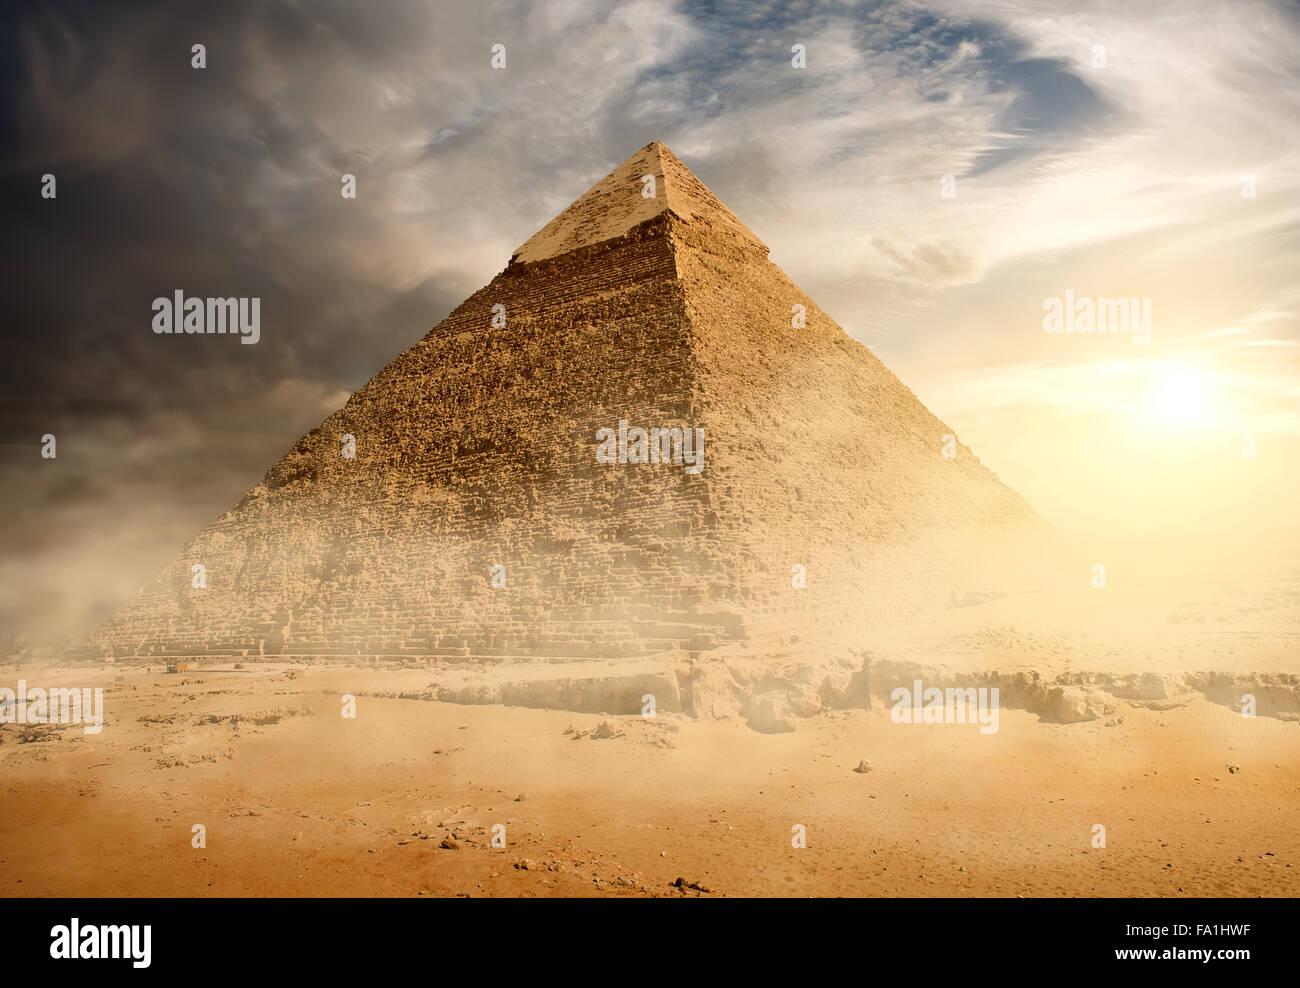 Piramide di sabbia polvere sotto le nuvole grigio Immagini Stock